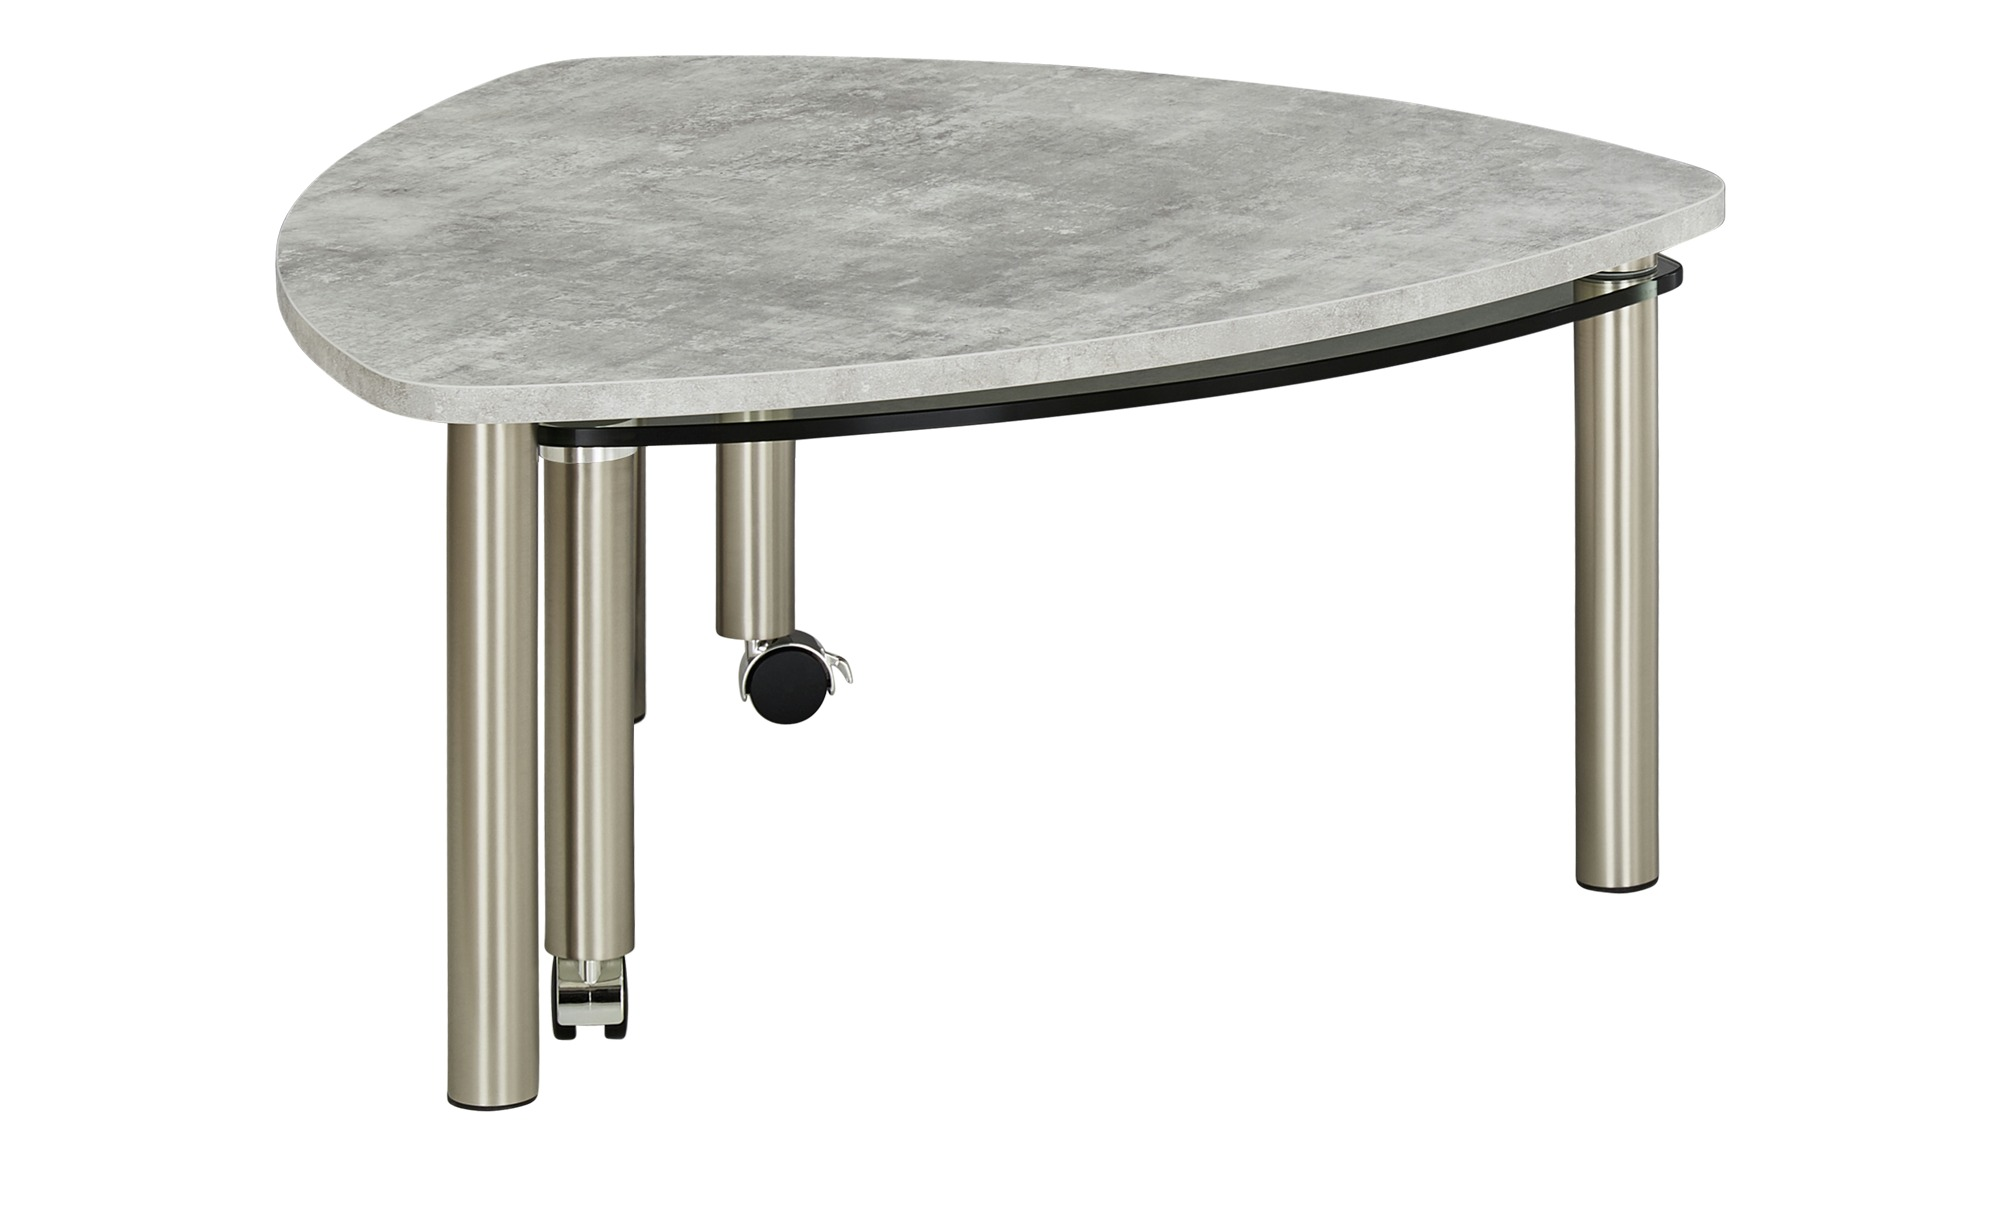 Couchtisch  Vöhringen ¦ Maße (cm): B: 85 H: 43,5 T: 85 Tische > Couchtische > Couchtische andere Formen - Höffner